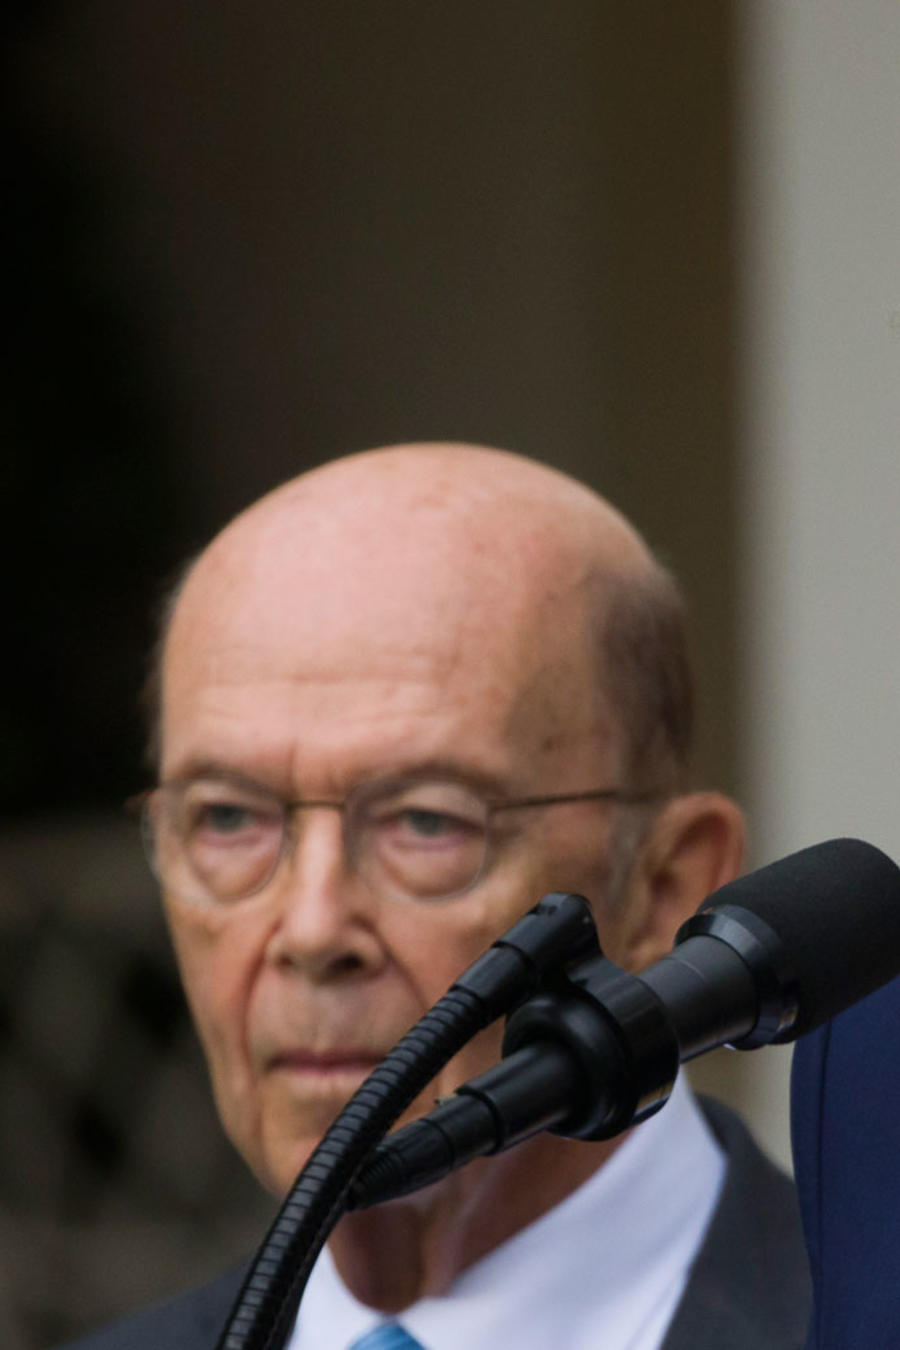 El secretario de Comercio, Wilbur Ross (izq) junto a Trump, el 11 de julio de 2019